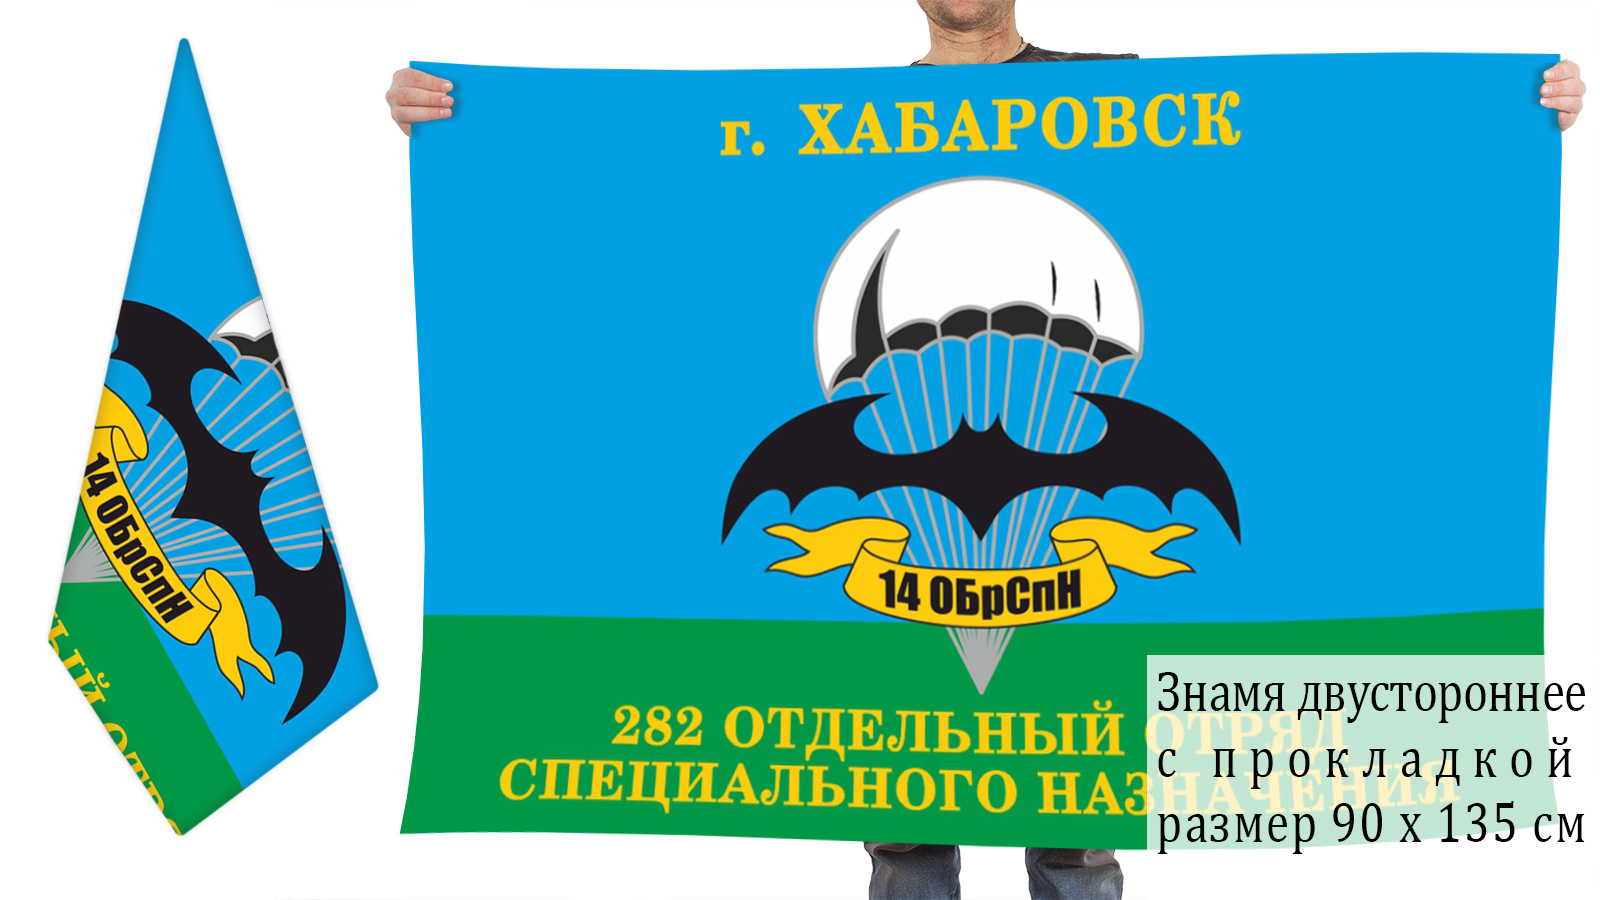 Двусторонний флаг 282 ООСпН 14 ОБрСпН